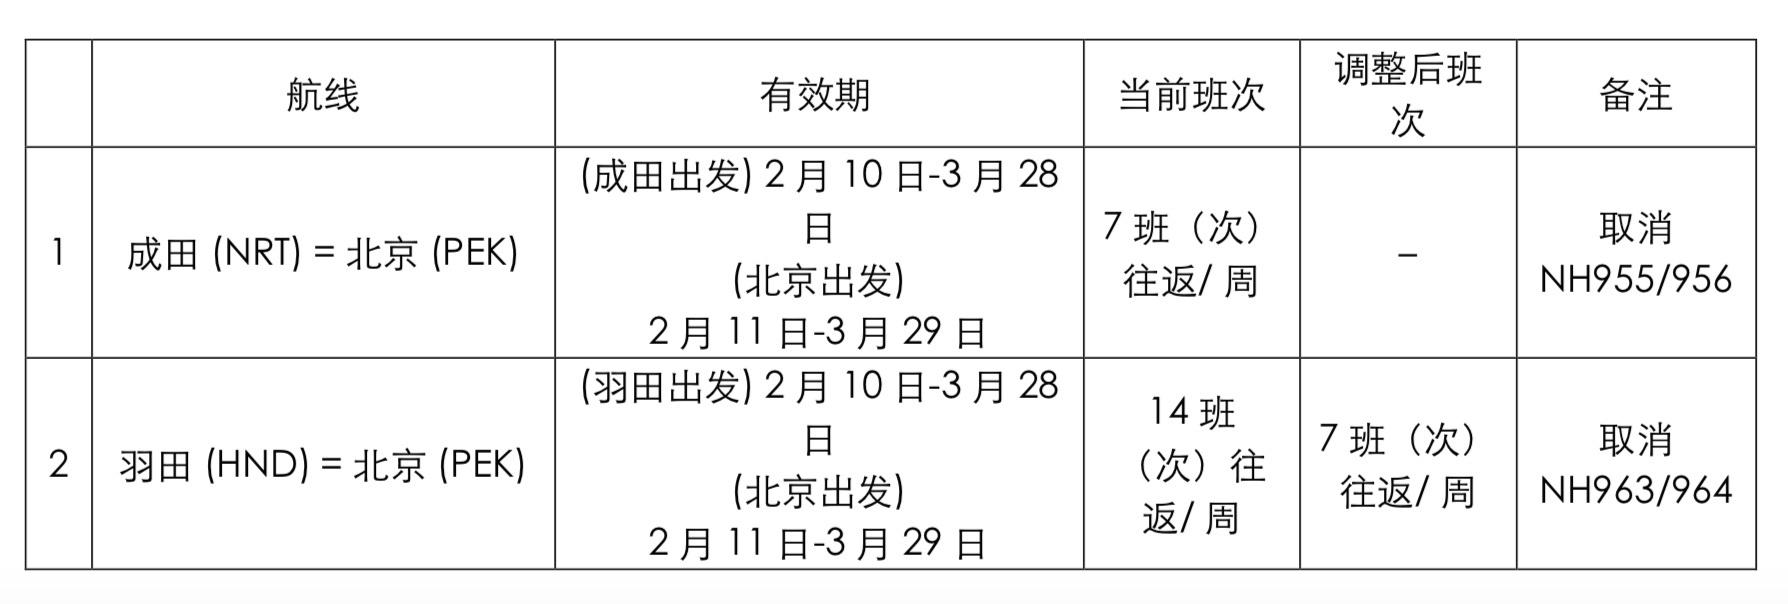 全日空将暂时取消部分中国航线航班的运营图片